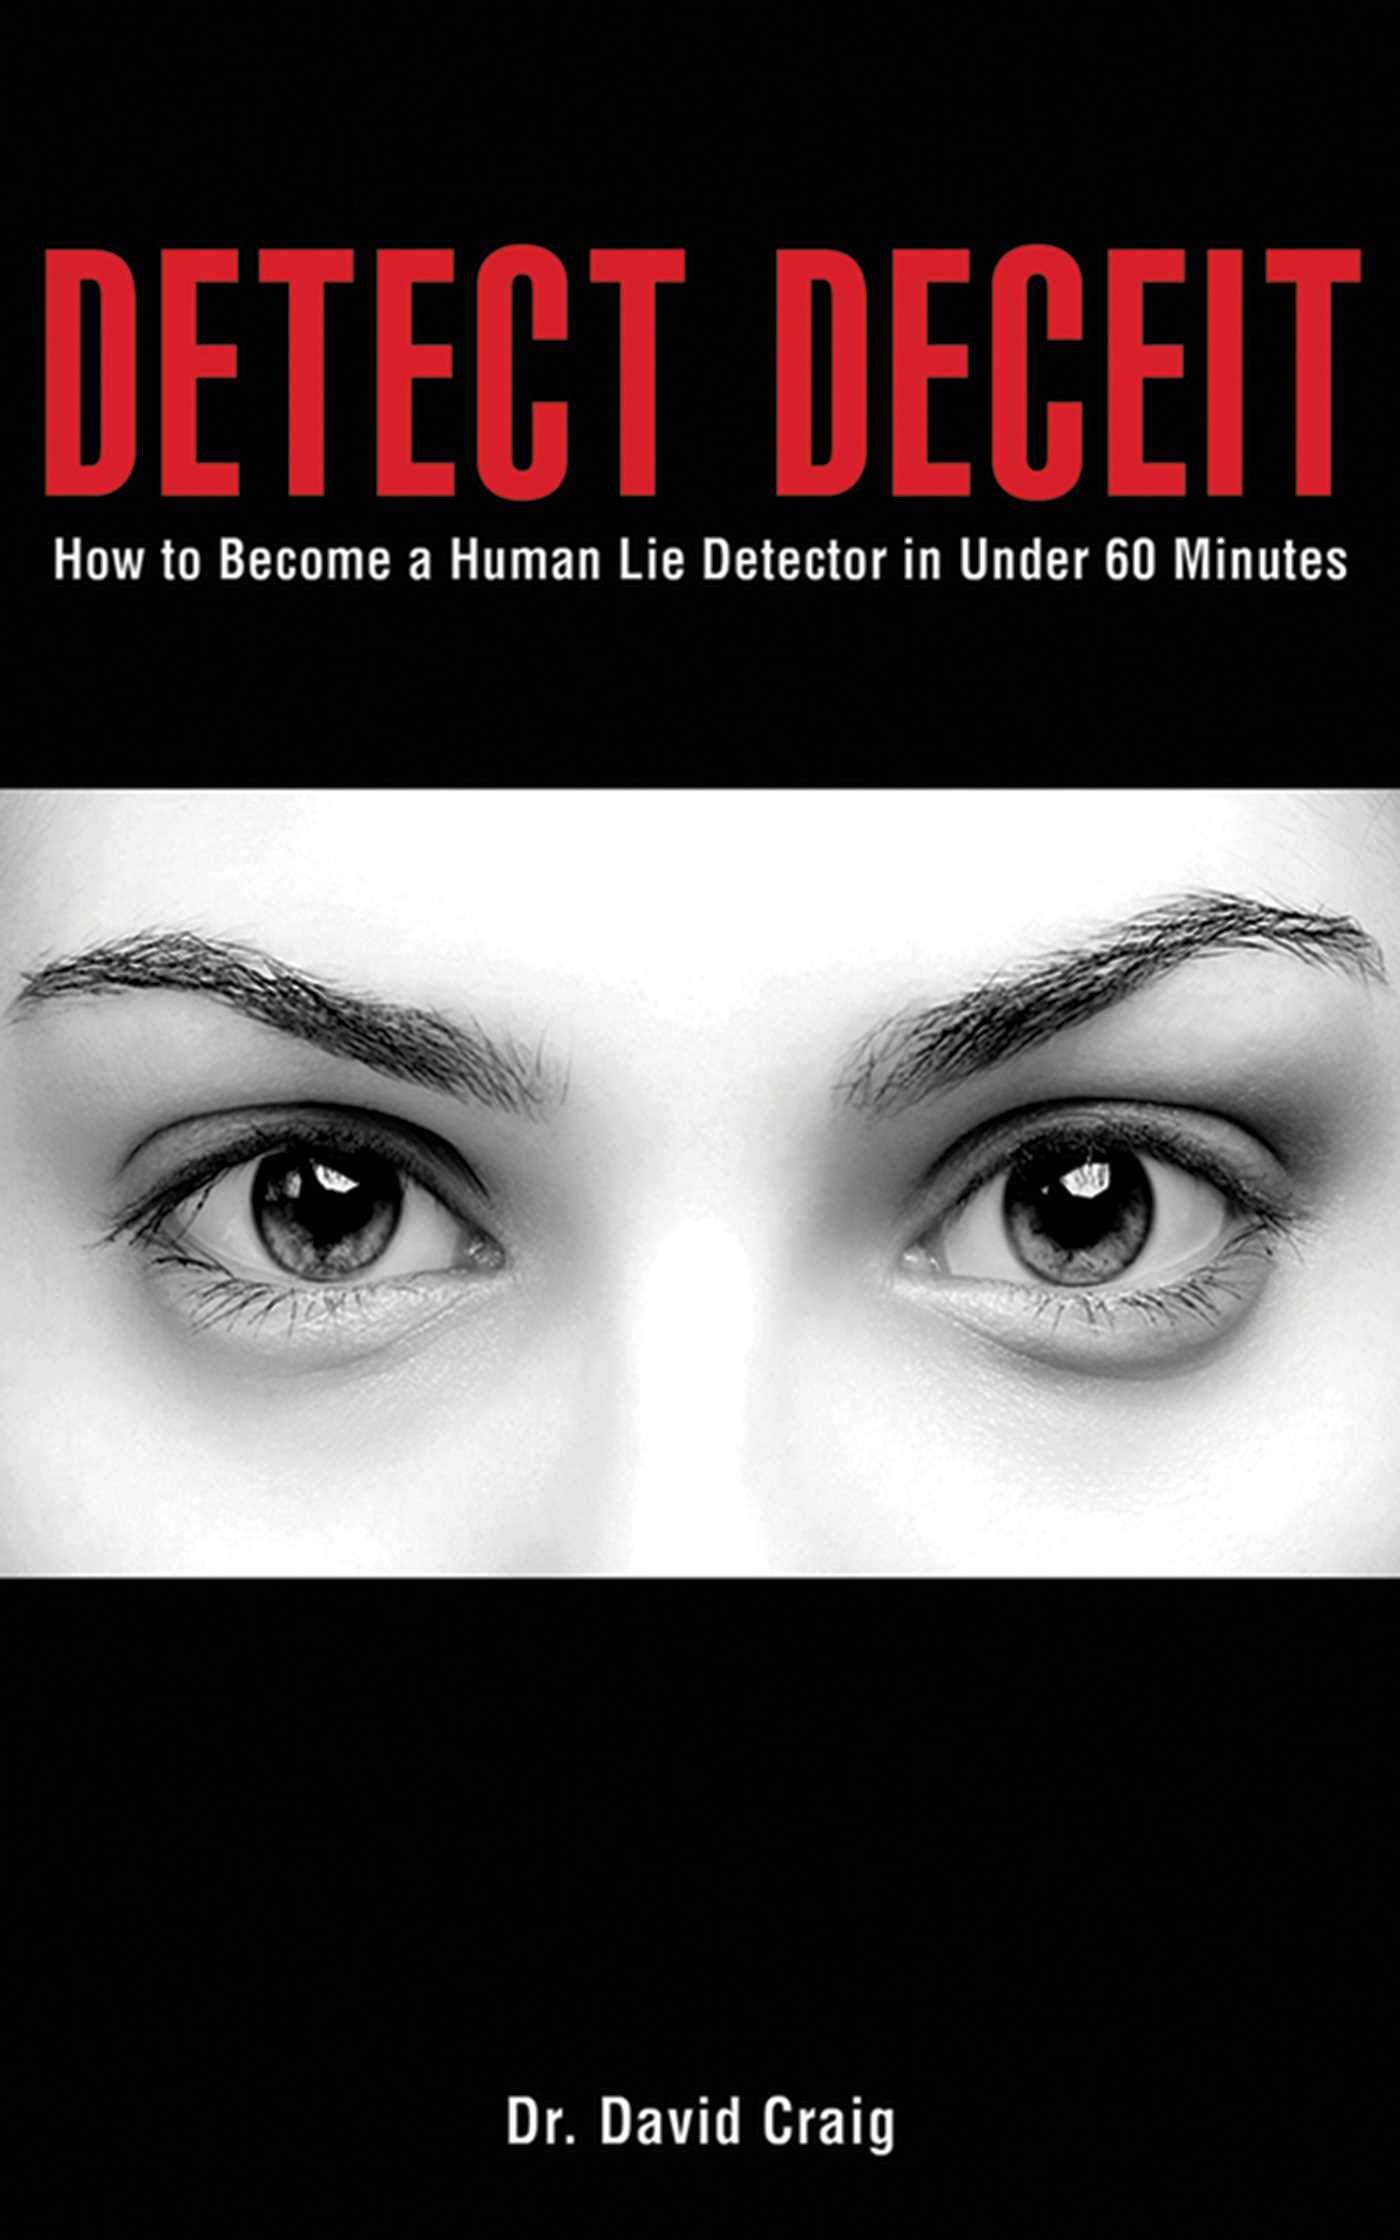 Detect Deceit: How to Become a Human Lie Detector in Under 60 Minutes: Amazon.es: David Craig: Libros en idiomas extranjeros